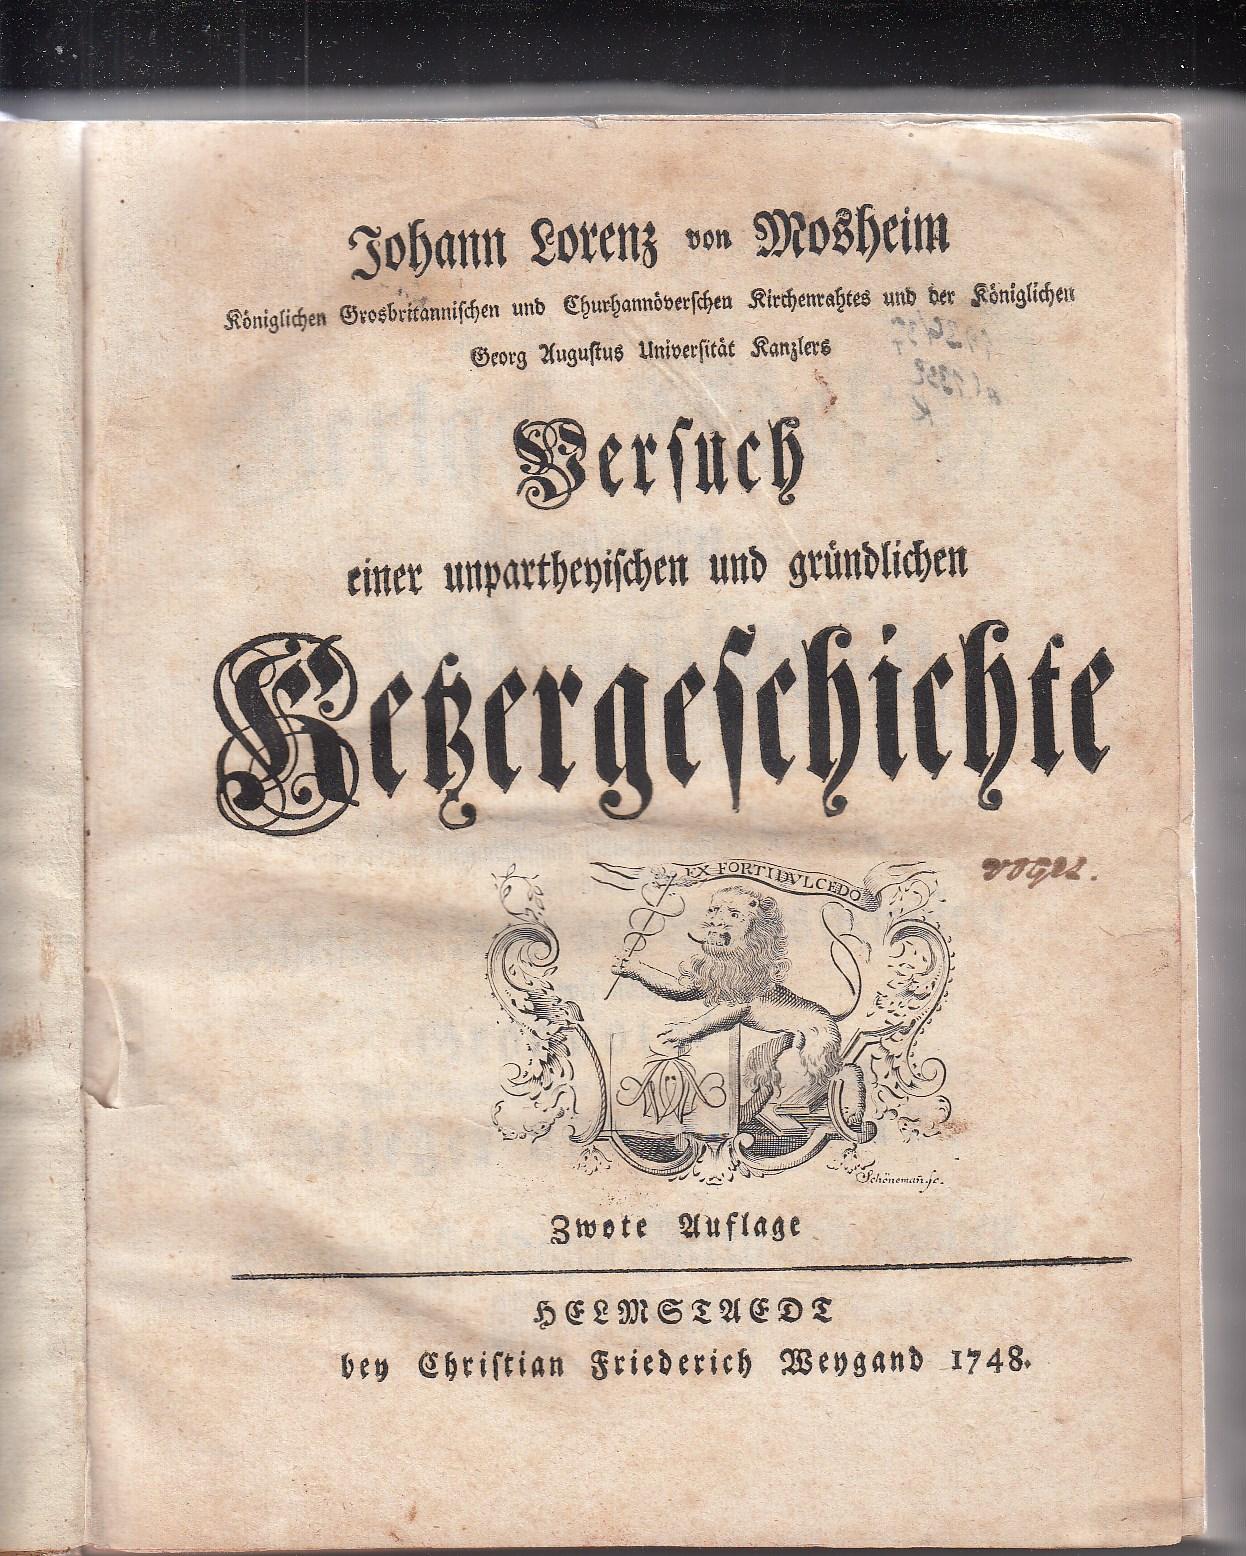 Versuch einer unparteyischen und gründlichen Ketzergeschichte. Zwote Auflage.